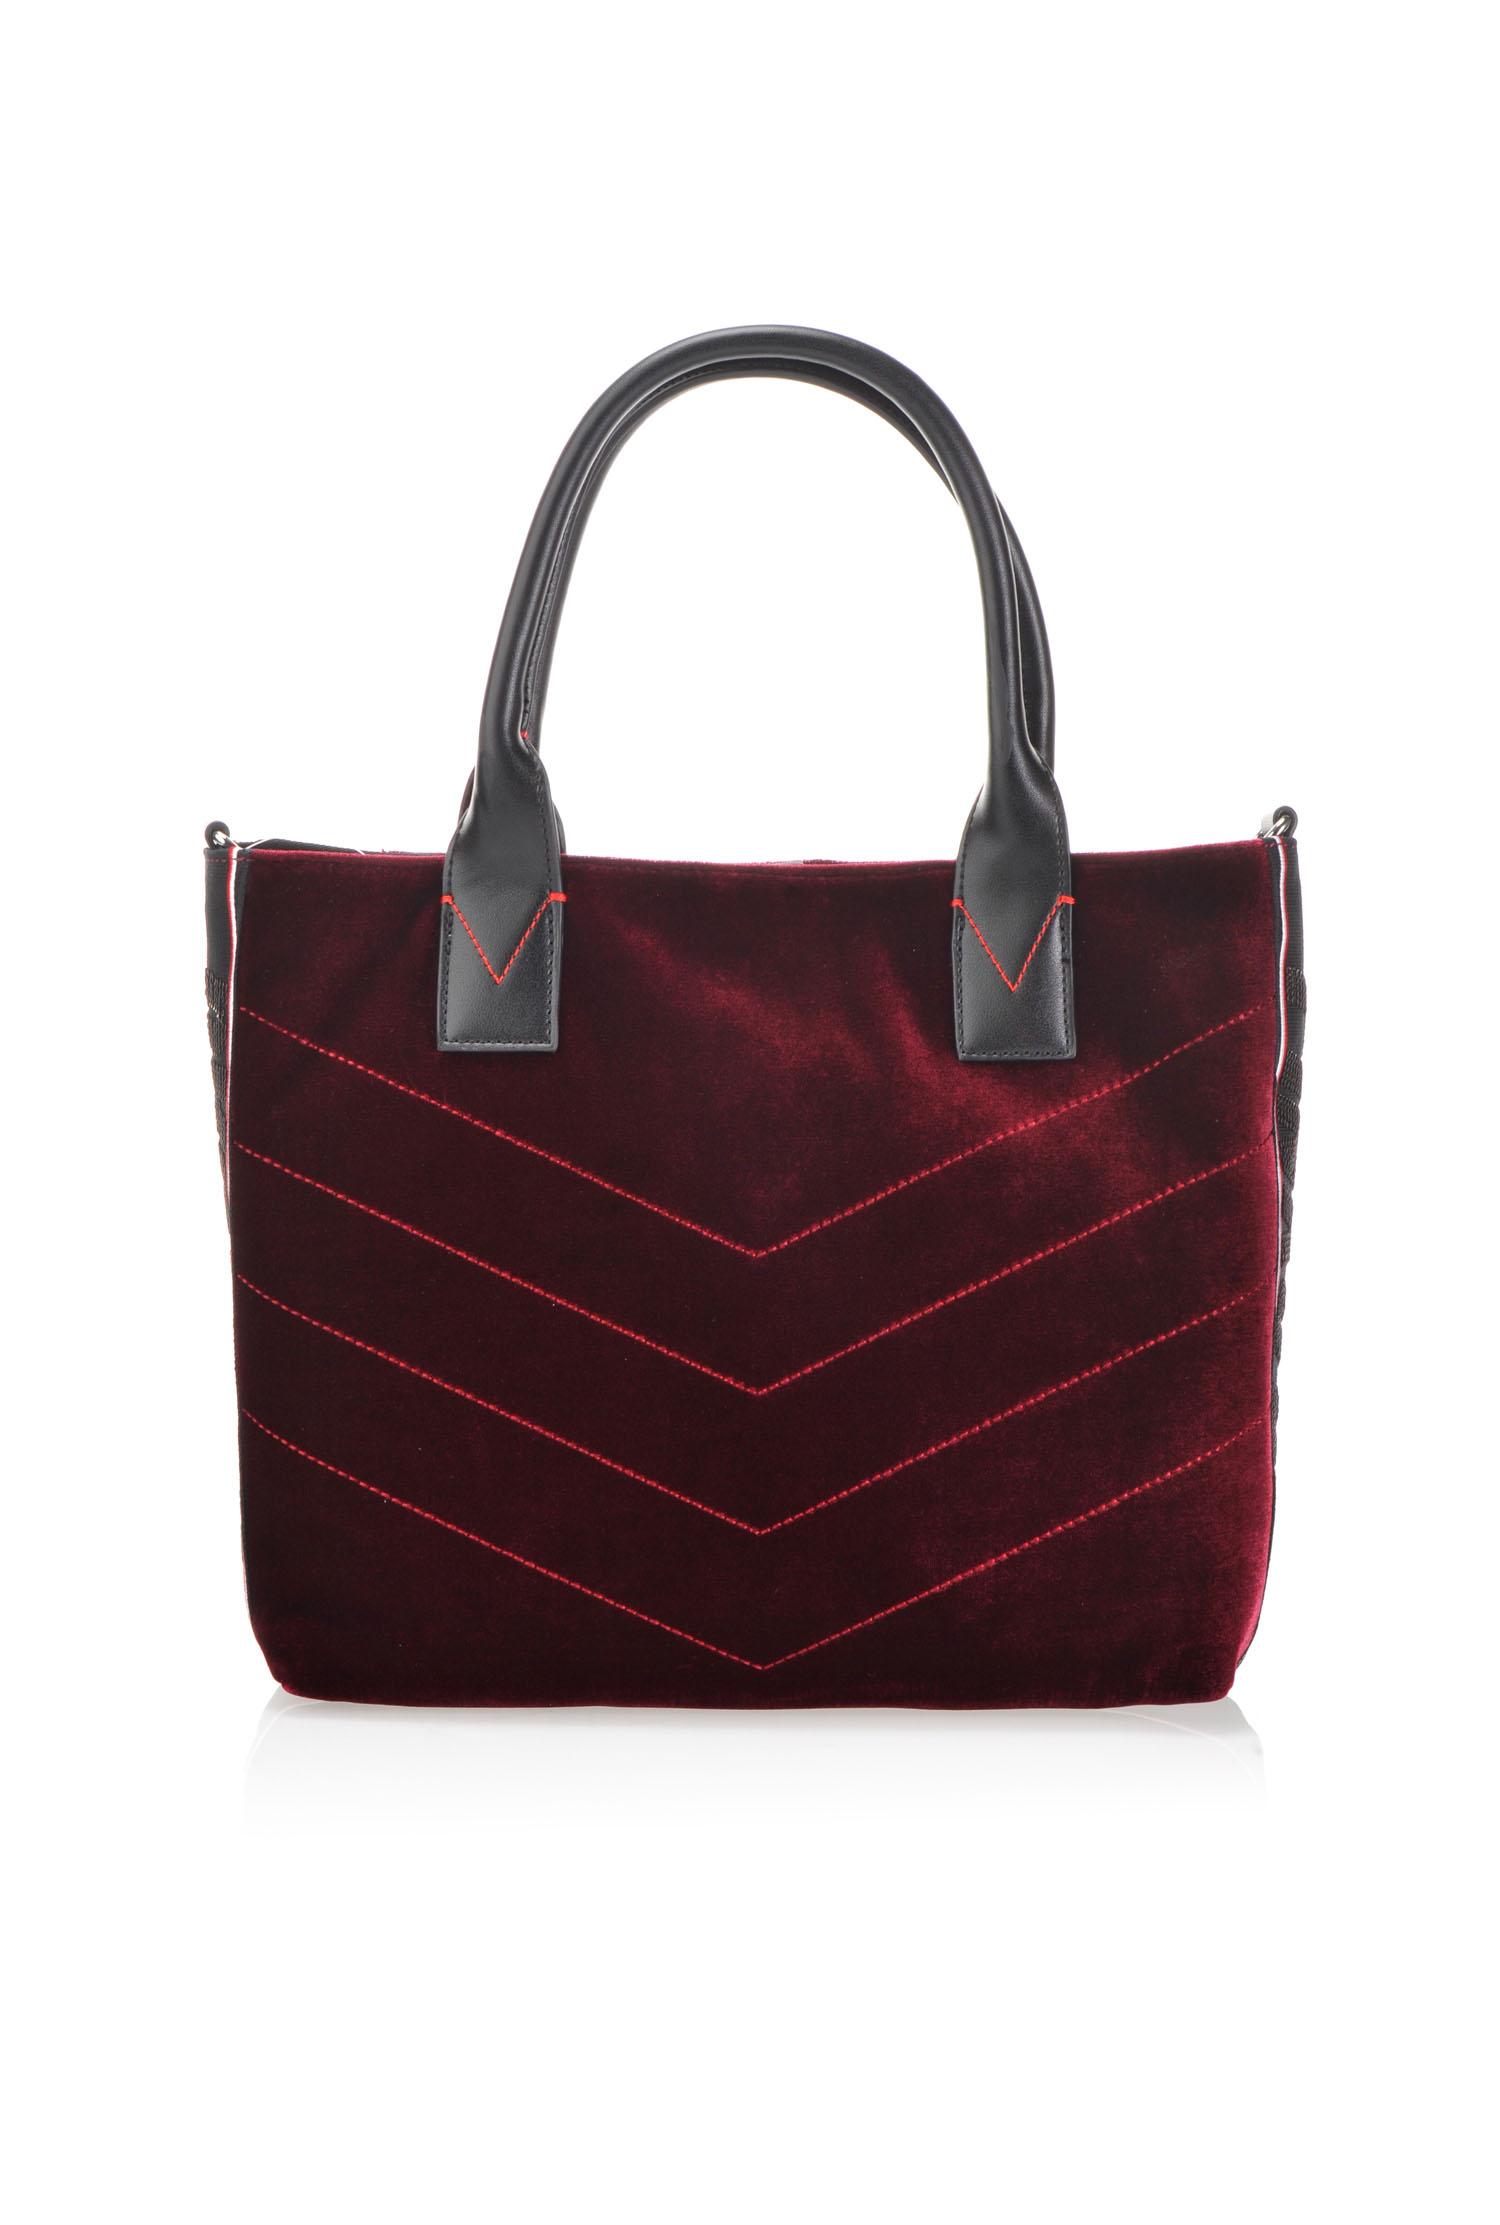 e9429341c33c9 Medium shopping bag in velvet - PINKO